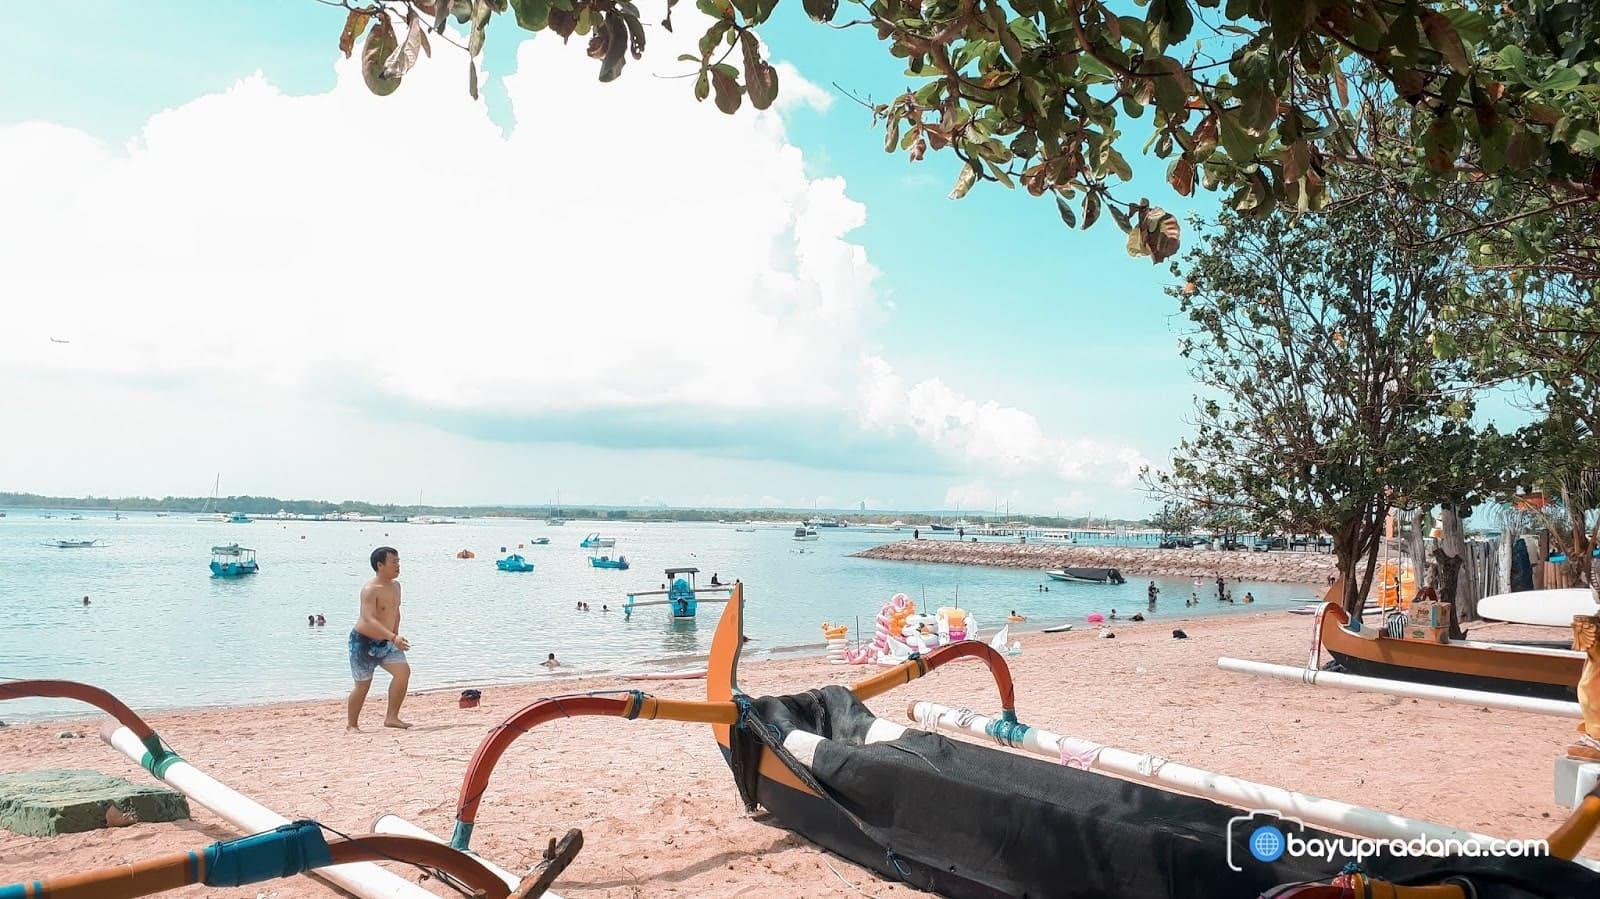 Foto Pantai Mertasari Sanur Bali, Indah & Memesona